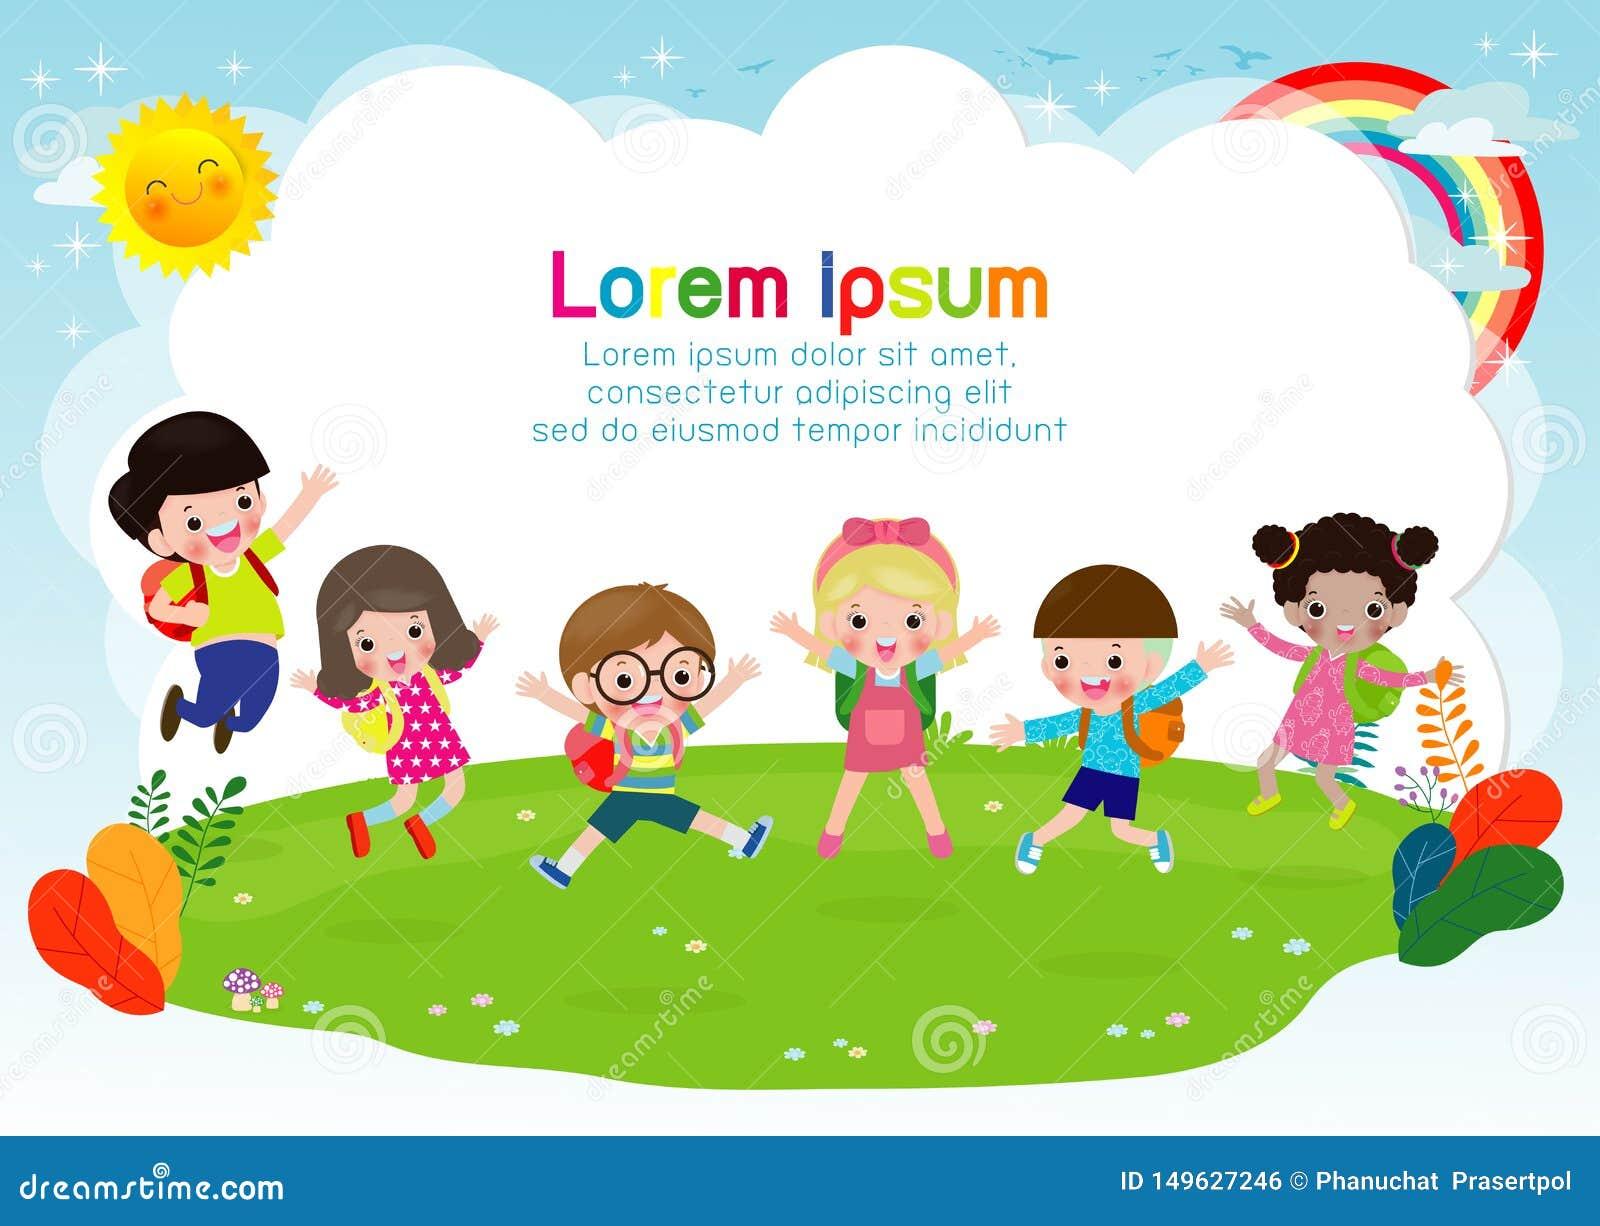 Grupa dzieci skacze szkoła, z powrotem, dzieciaków uczy kogoś, edukacji pojęcie, dzieciaki iść szkoła, szablon dla reklamowej bro